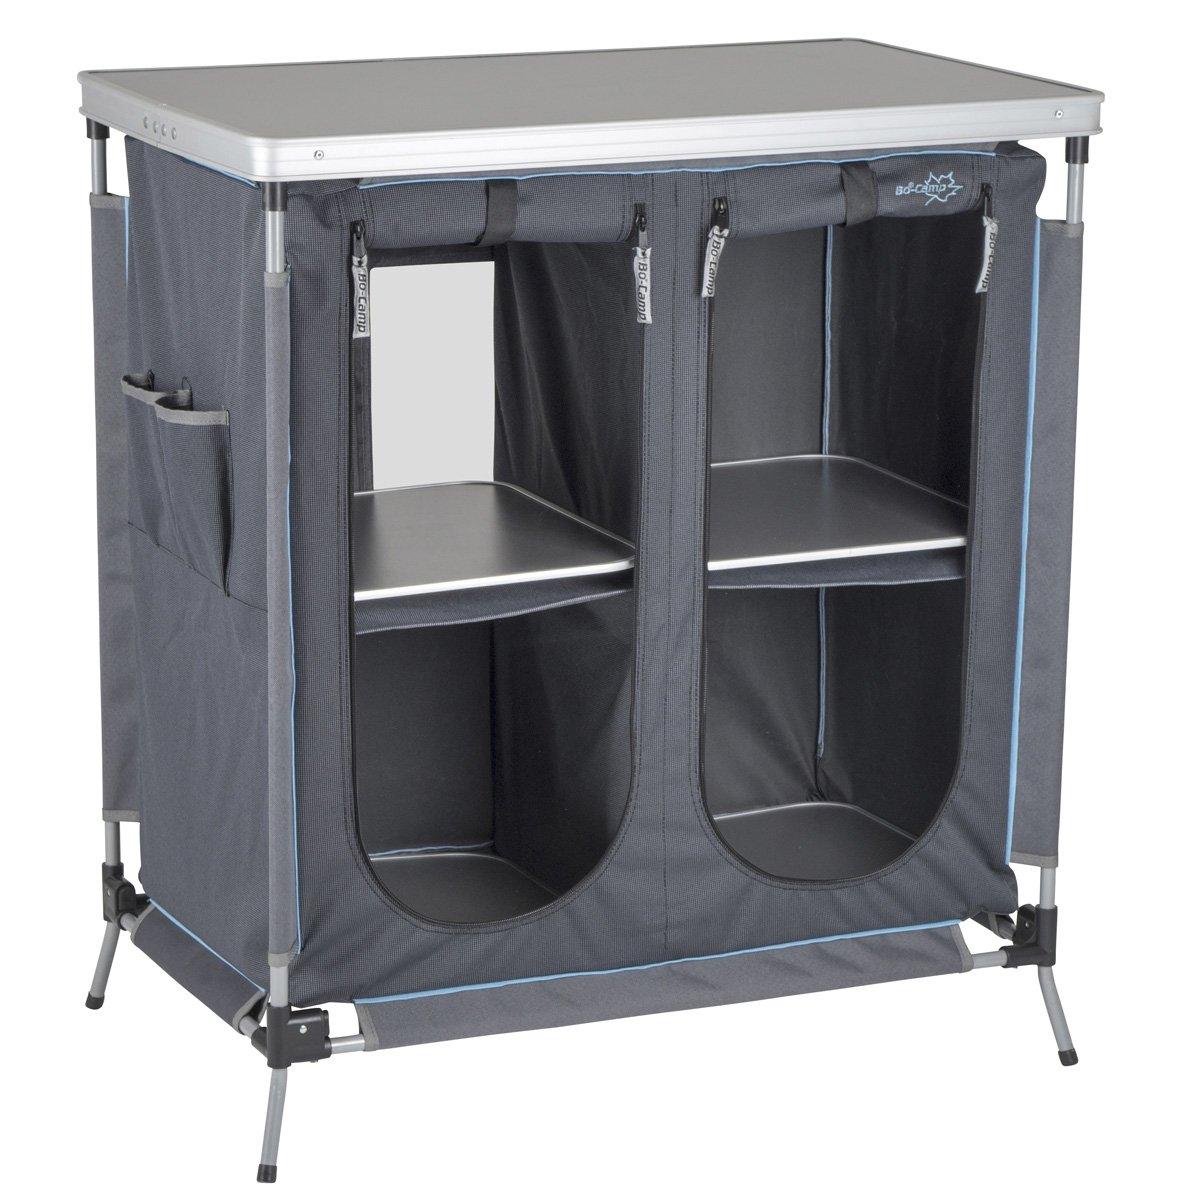 Küchenschrank mit stabilem Stahlrahmen, verstellbare Beine und Tragetasche 80 cm lang • Campingschrank Campingküche Faltschrank Campingzubehör Zeltzubehör